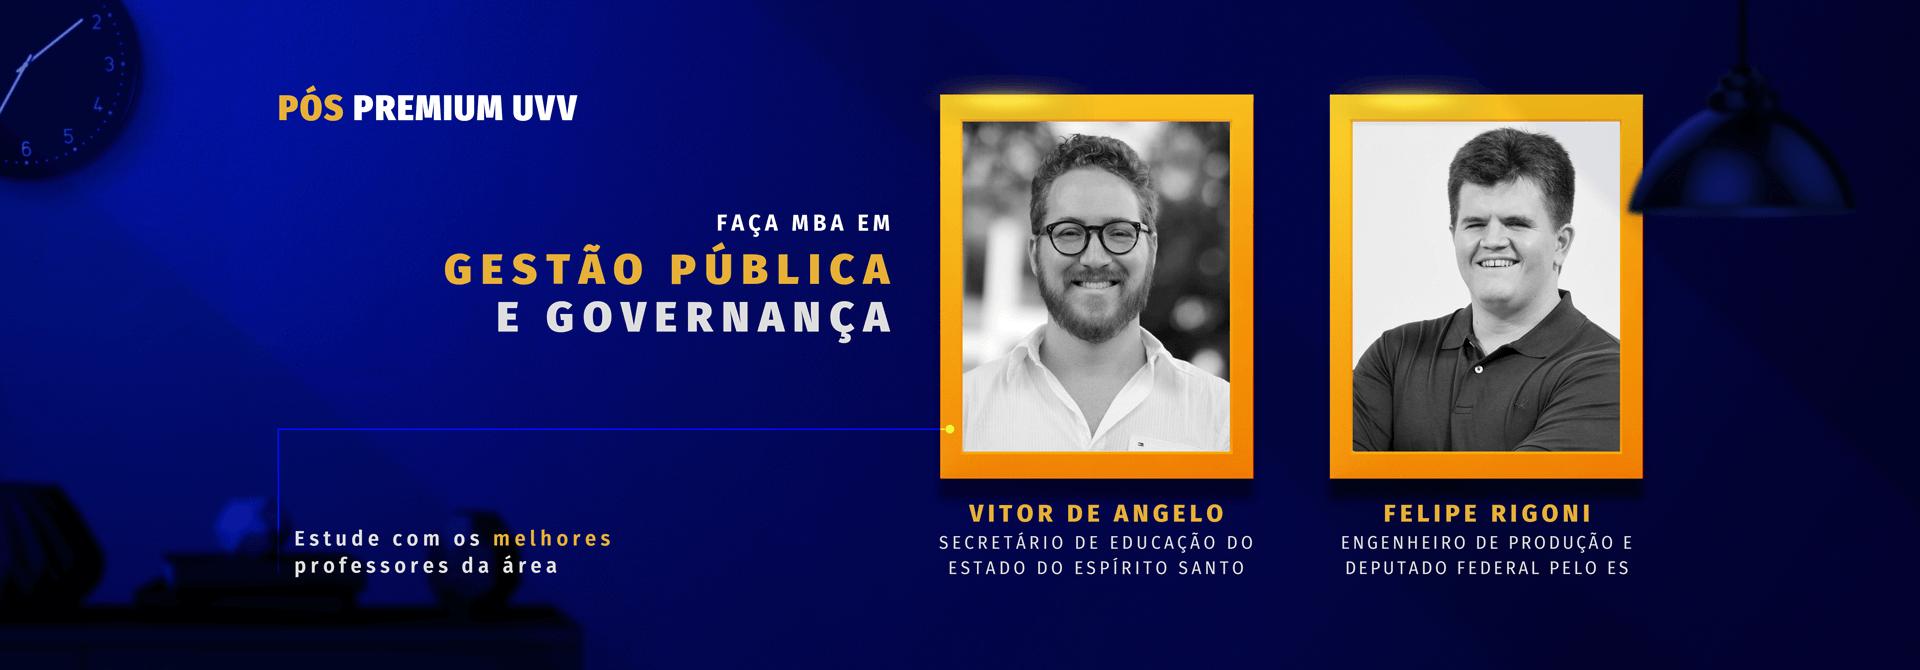 Estude Gestão Pública e Governança na UVV